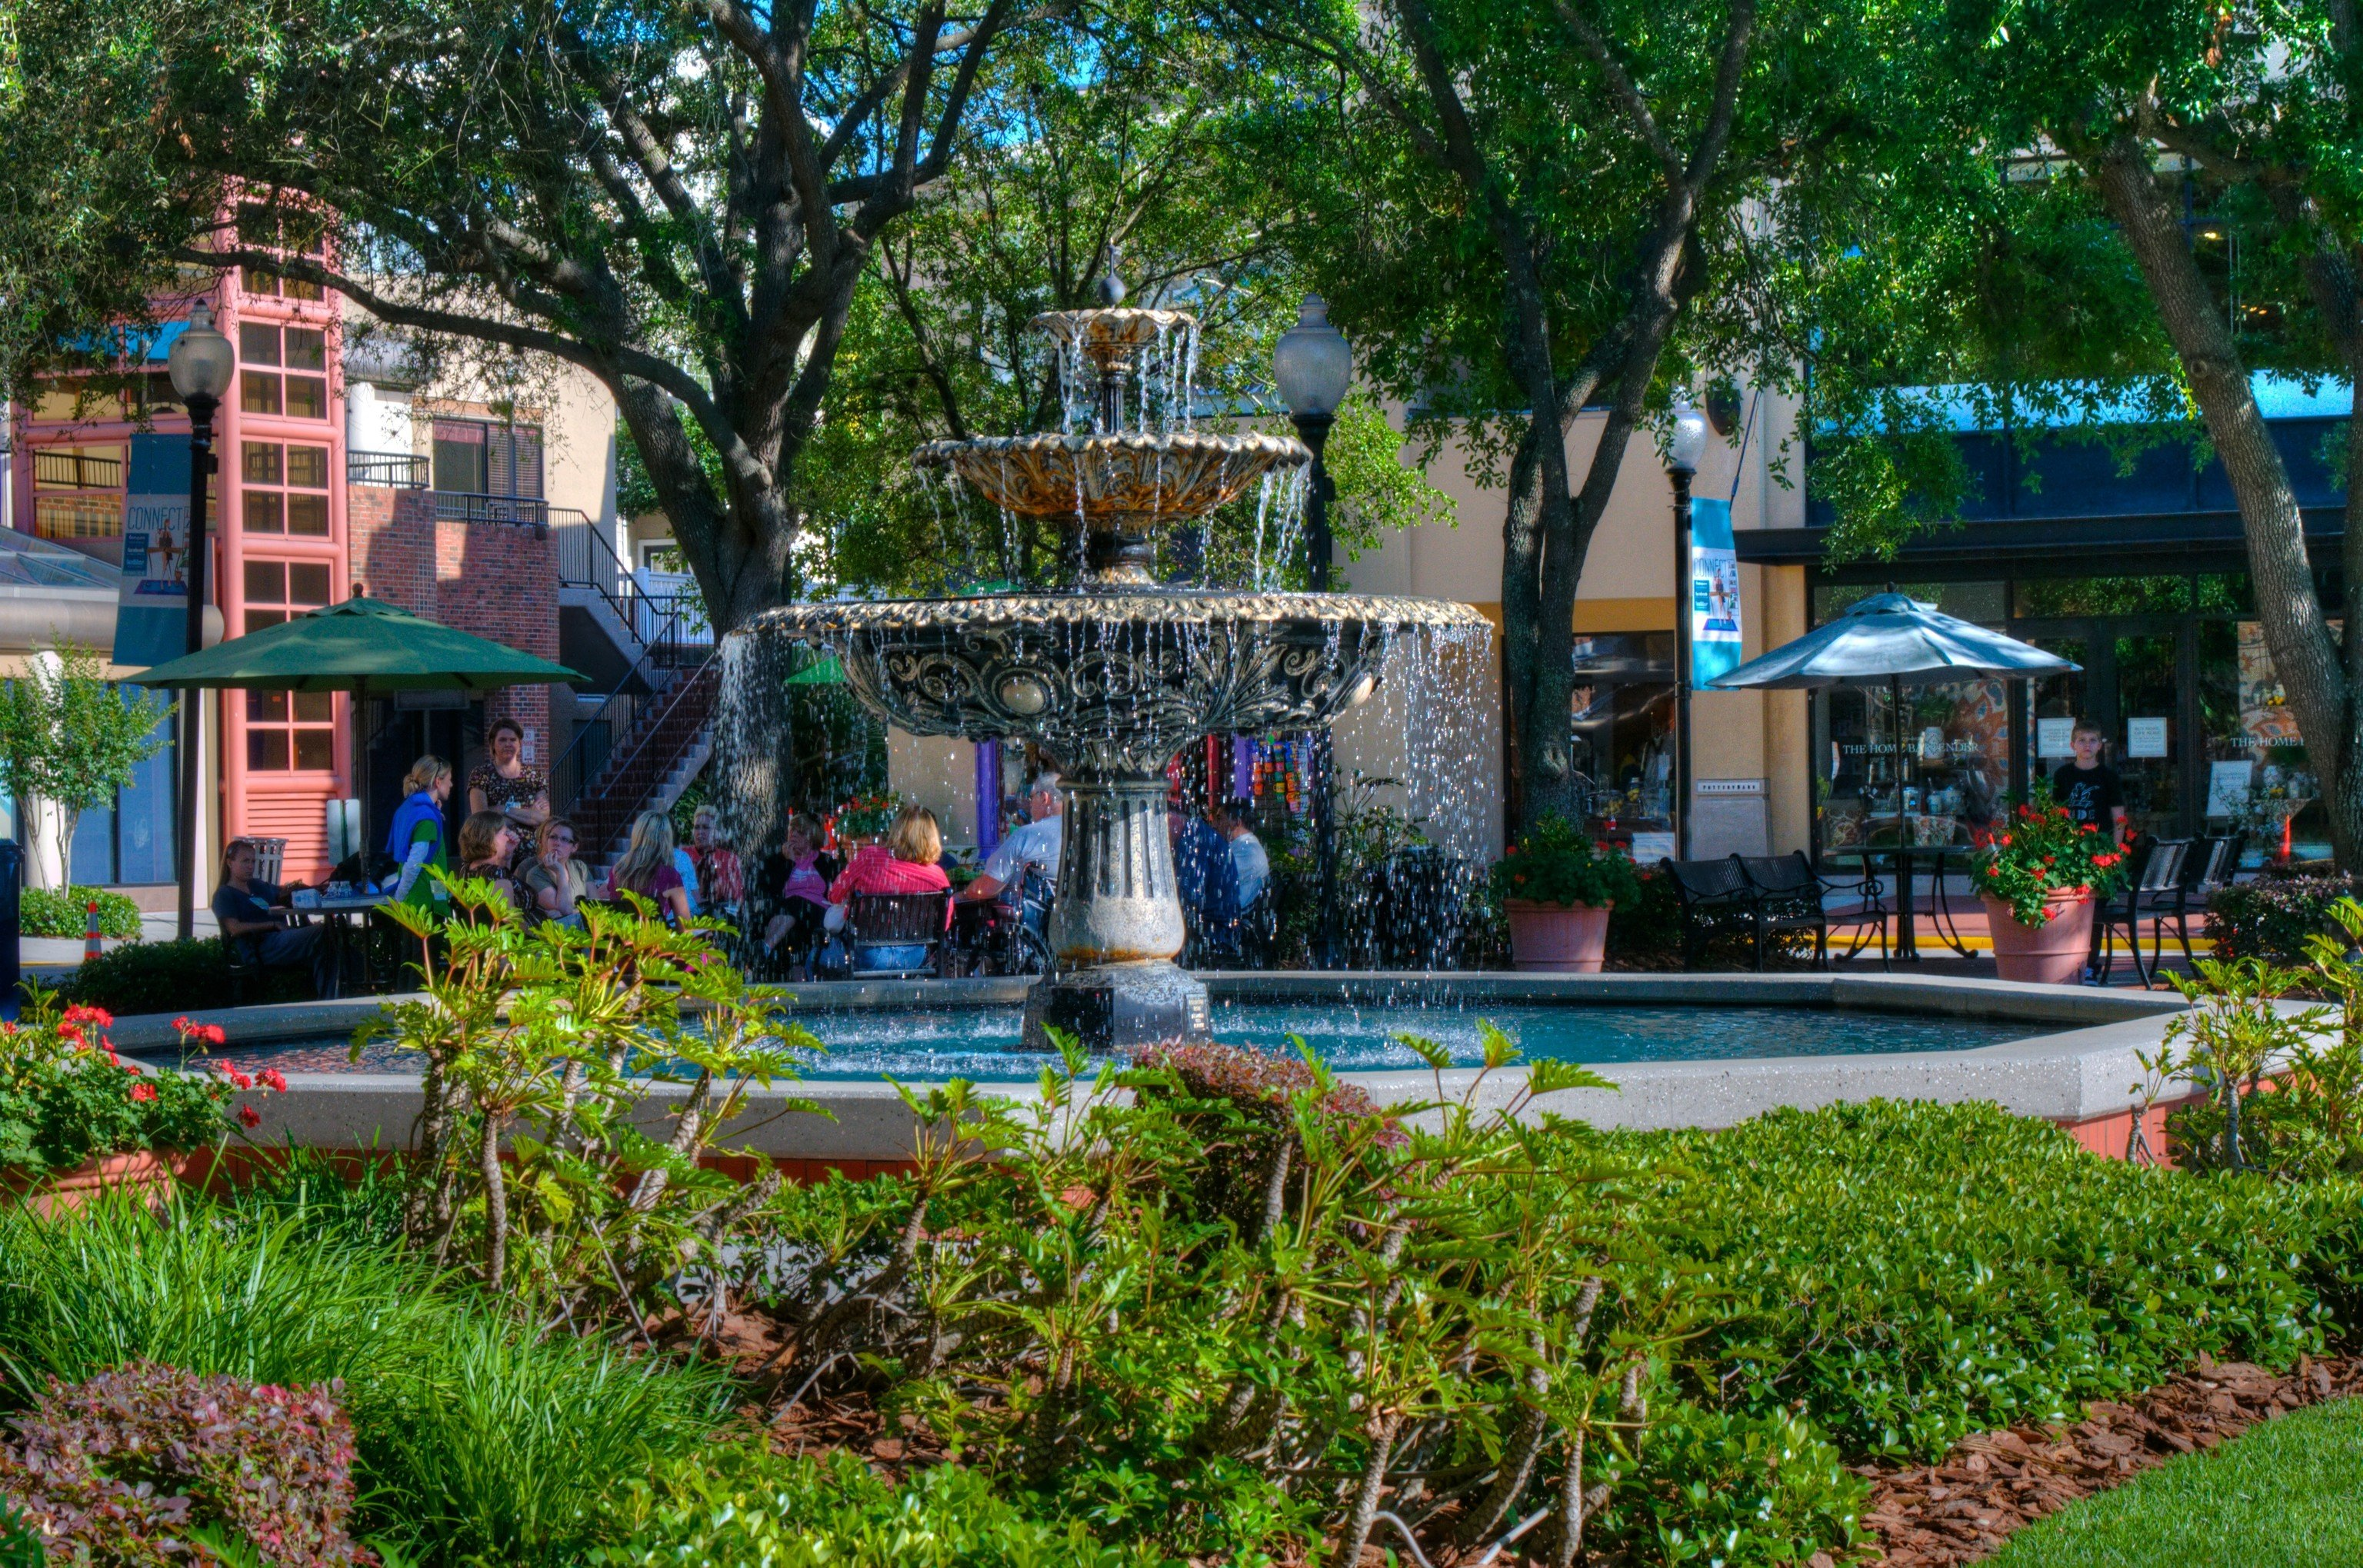 Trip Ideas outdoor tree grass City Resort plaza Garden park Playground flower yard water feature